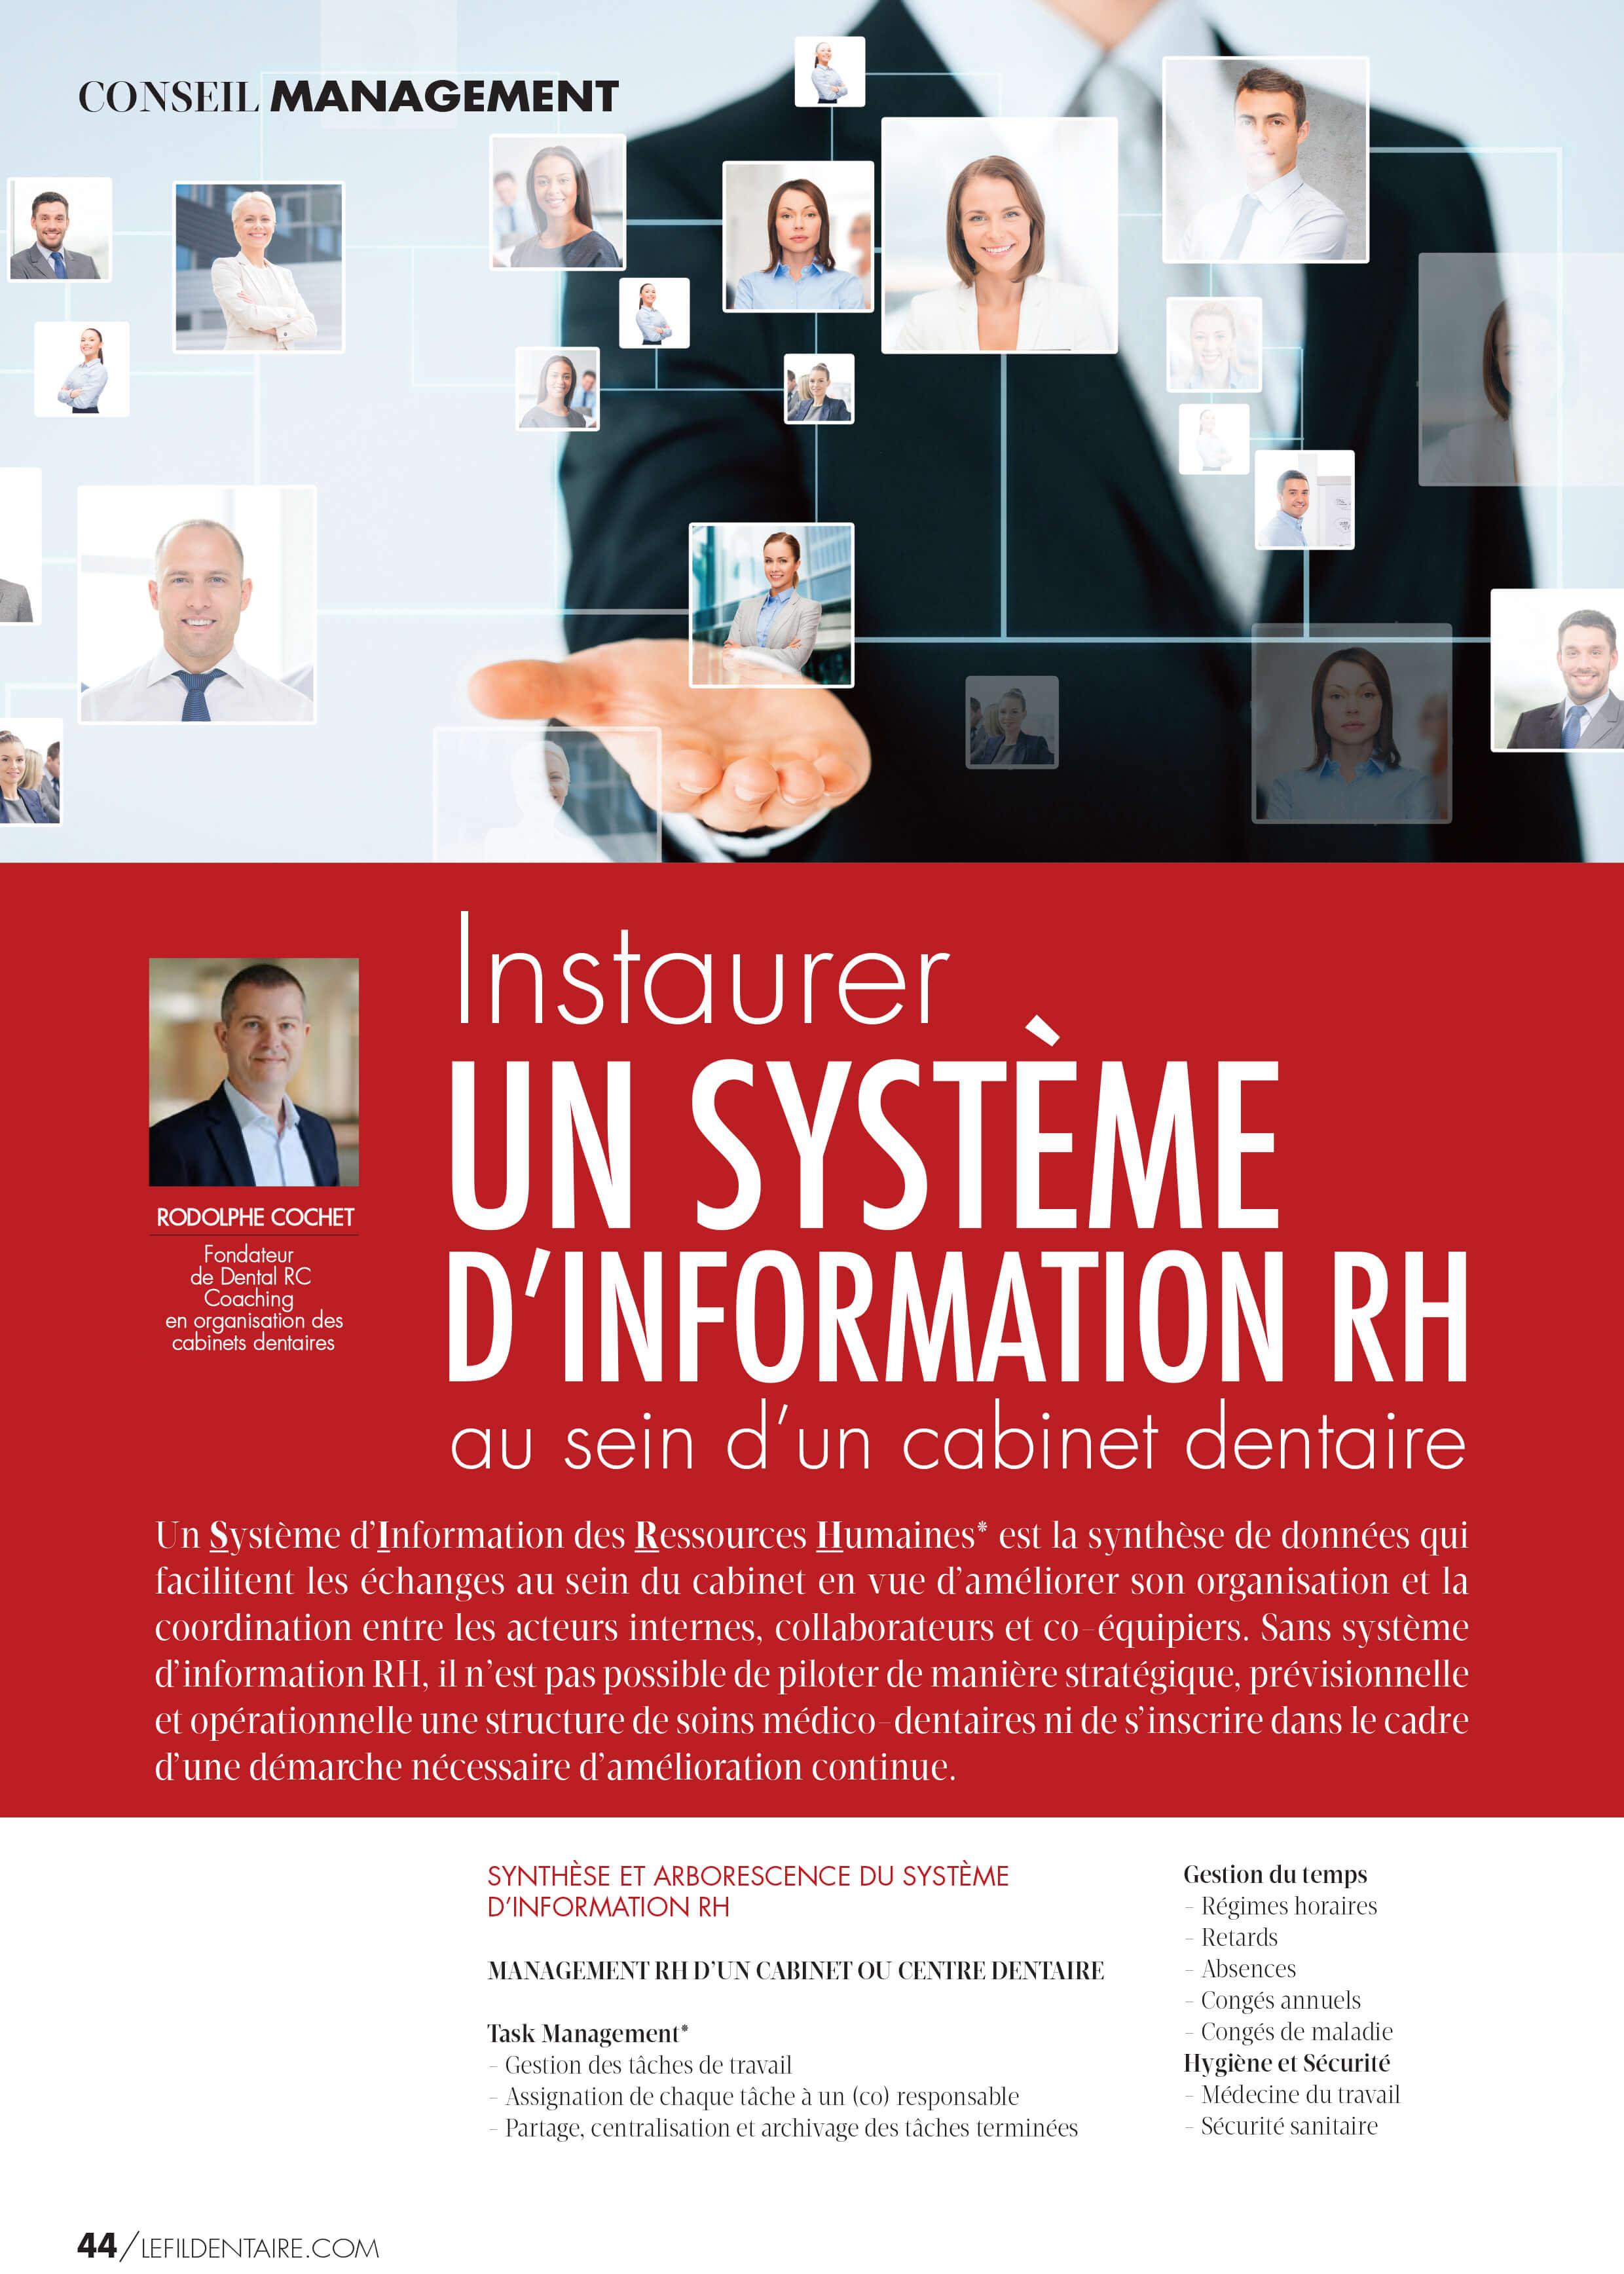 Instaurer-un-système-information-SIRH-au-cabinet-dentaire.jpg